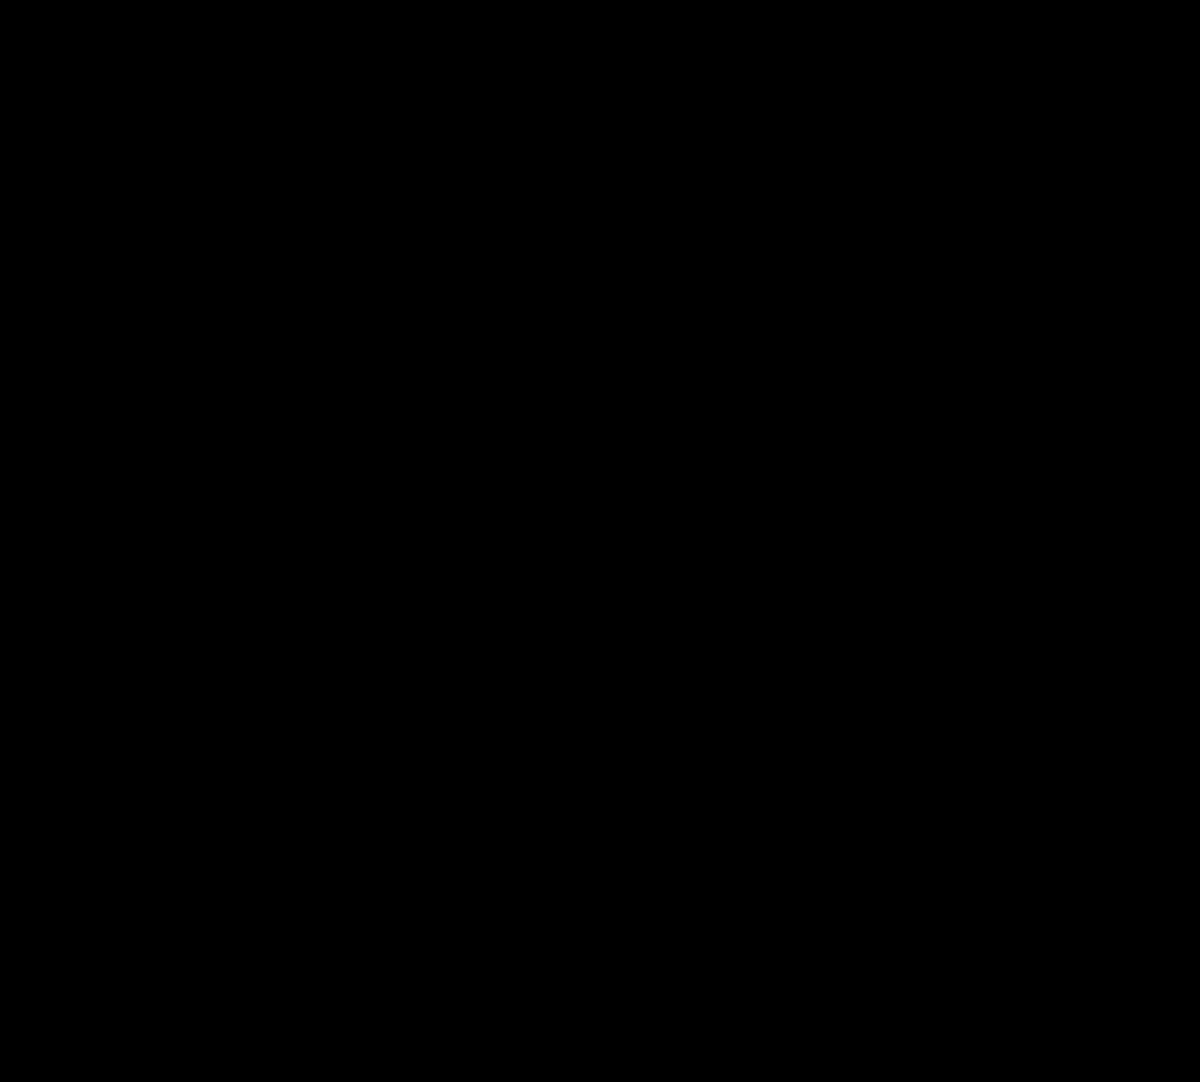 công thức tính diện tích tam giác đều và dấu hiện nhận biết tam giác đều